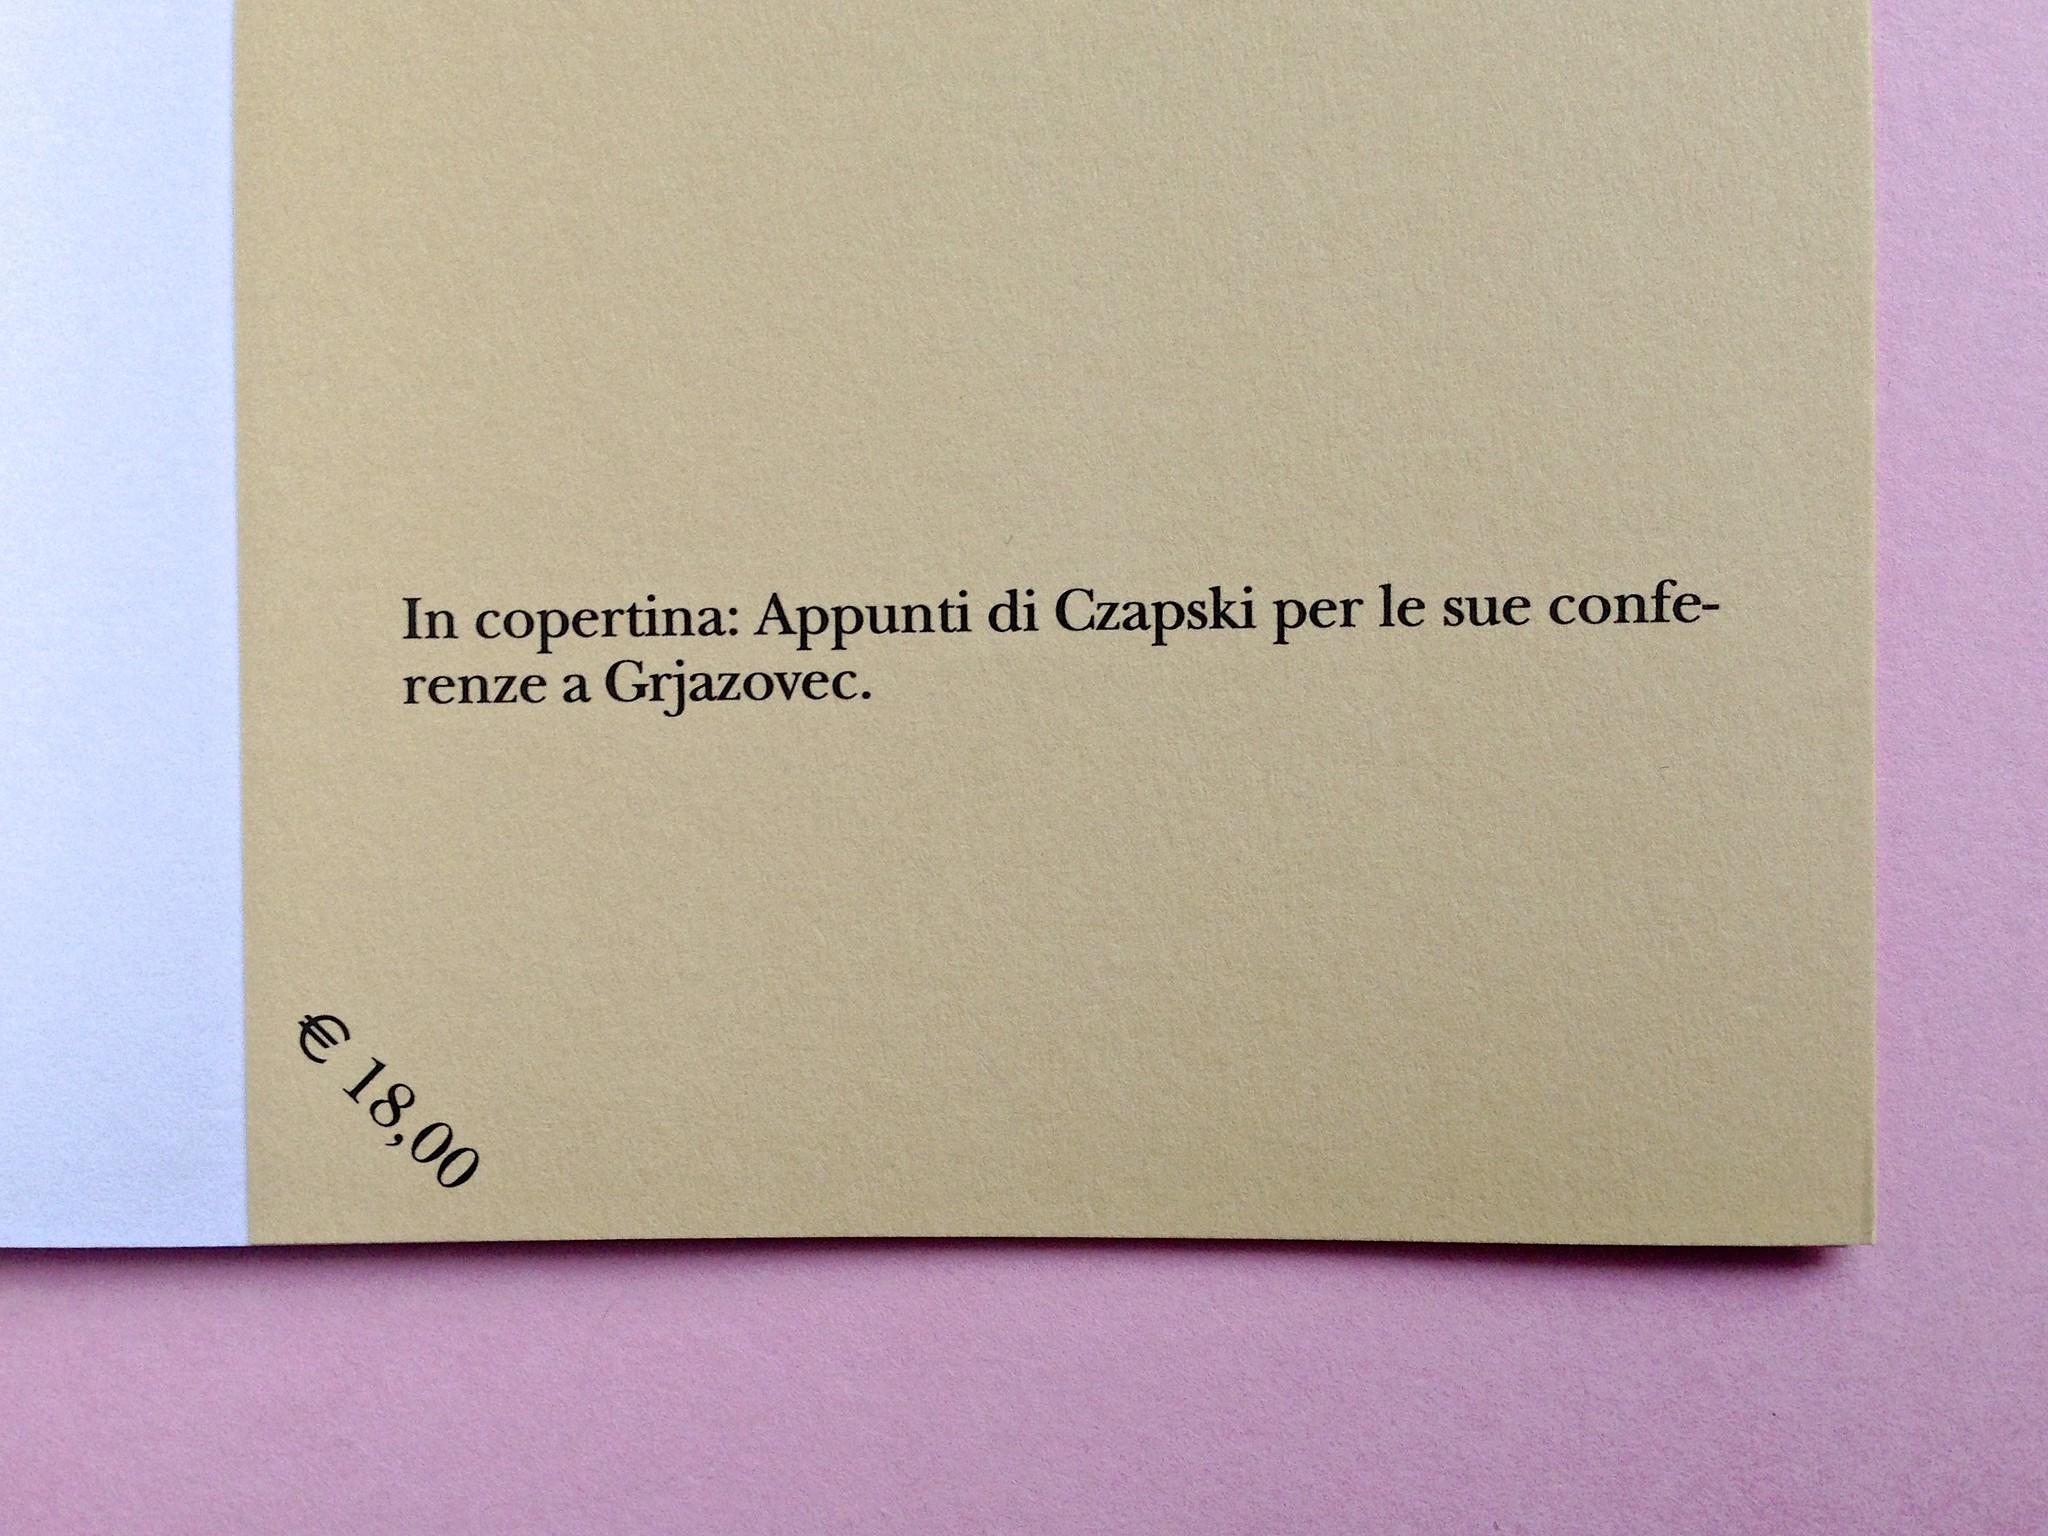 Proust a Grjazovec, di Józef Czapski. Adelphi 2015. Resp. grafica non indicata. bandella della quarta di copertina (part.), 1